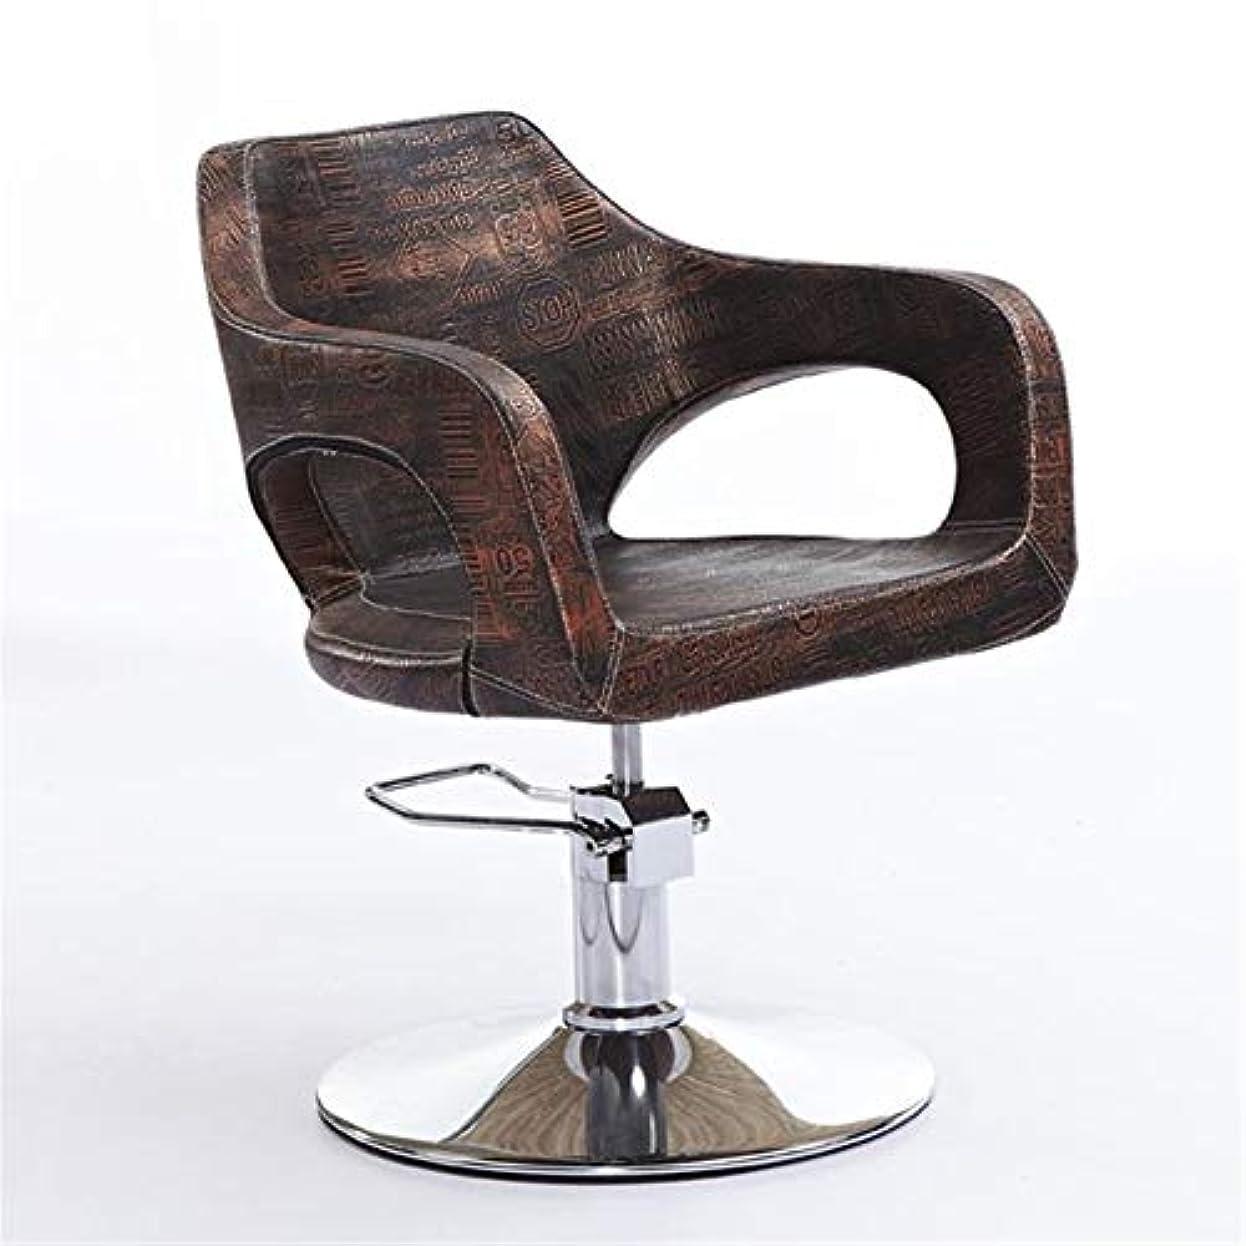 品ブラウス想像力豊かなサロンチェアファッションヘアサロンチェア美容ヘアカットチェア油圧理髪チェア調節可能な高さ特別なヘアサロン機器,D